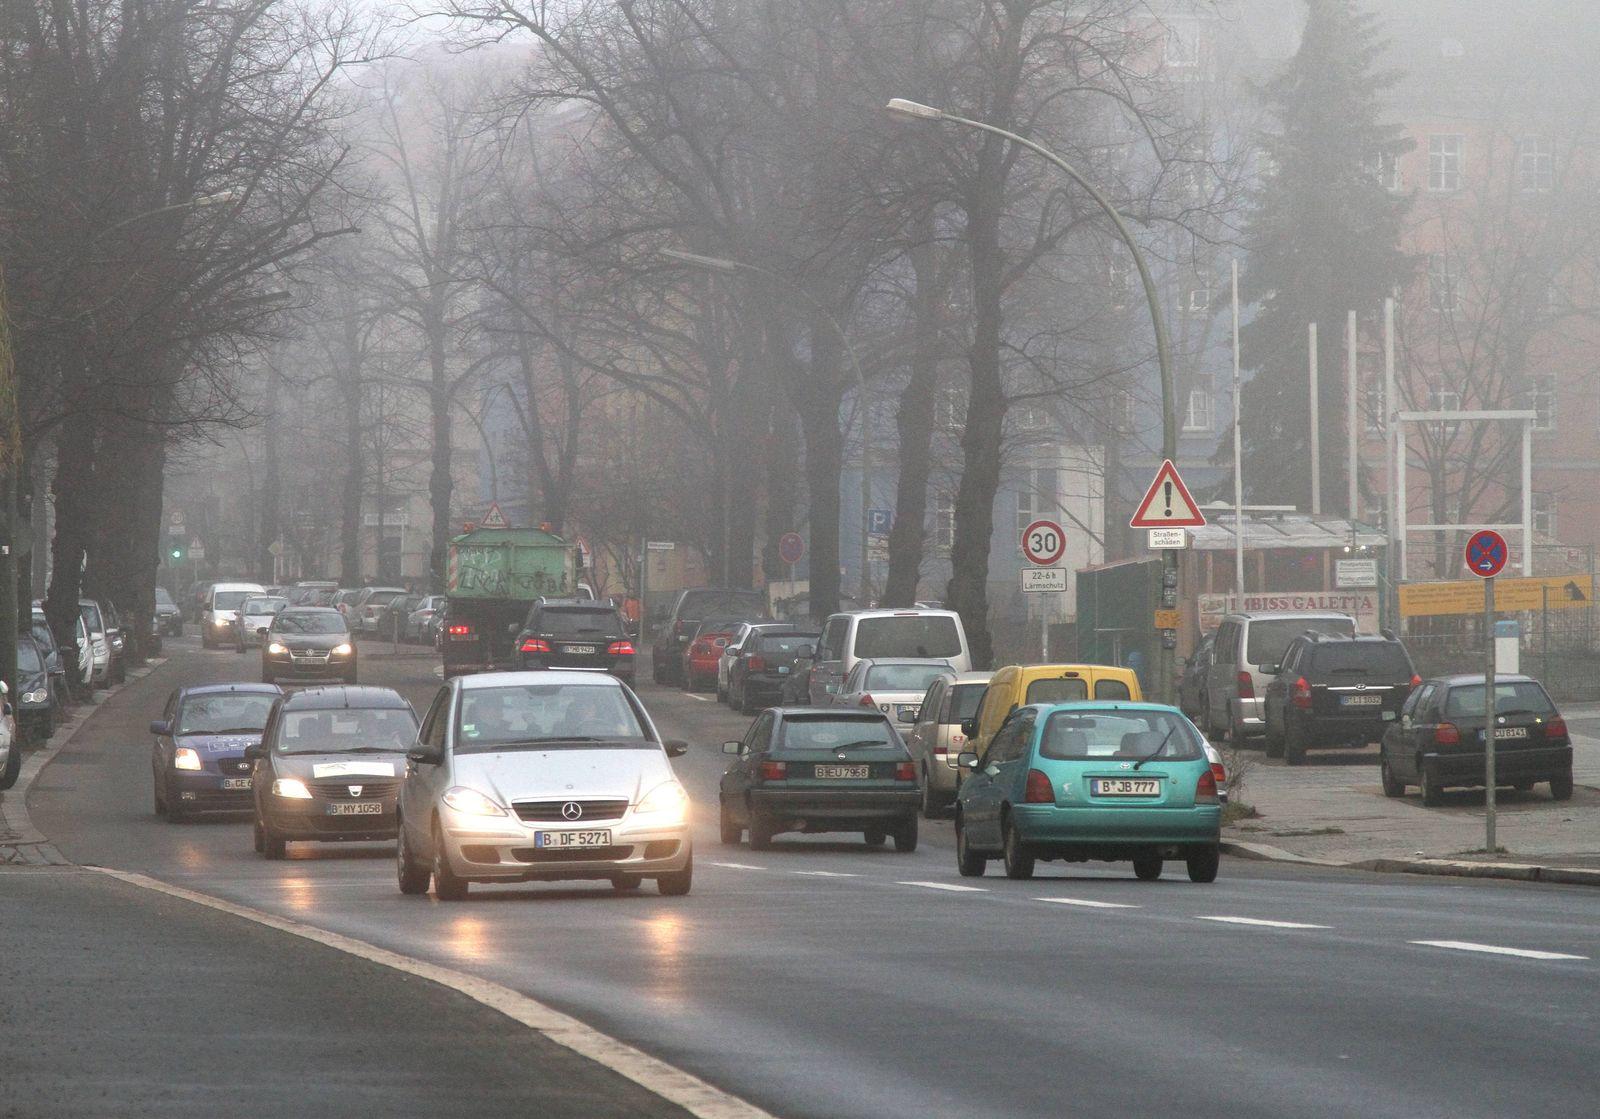 EINMALIGE VERWENDUNG diesel/ stadt/ nebel/ abgas